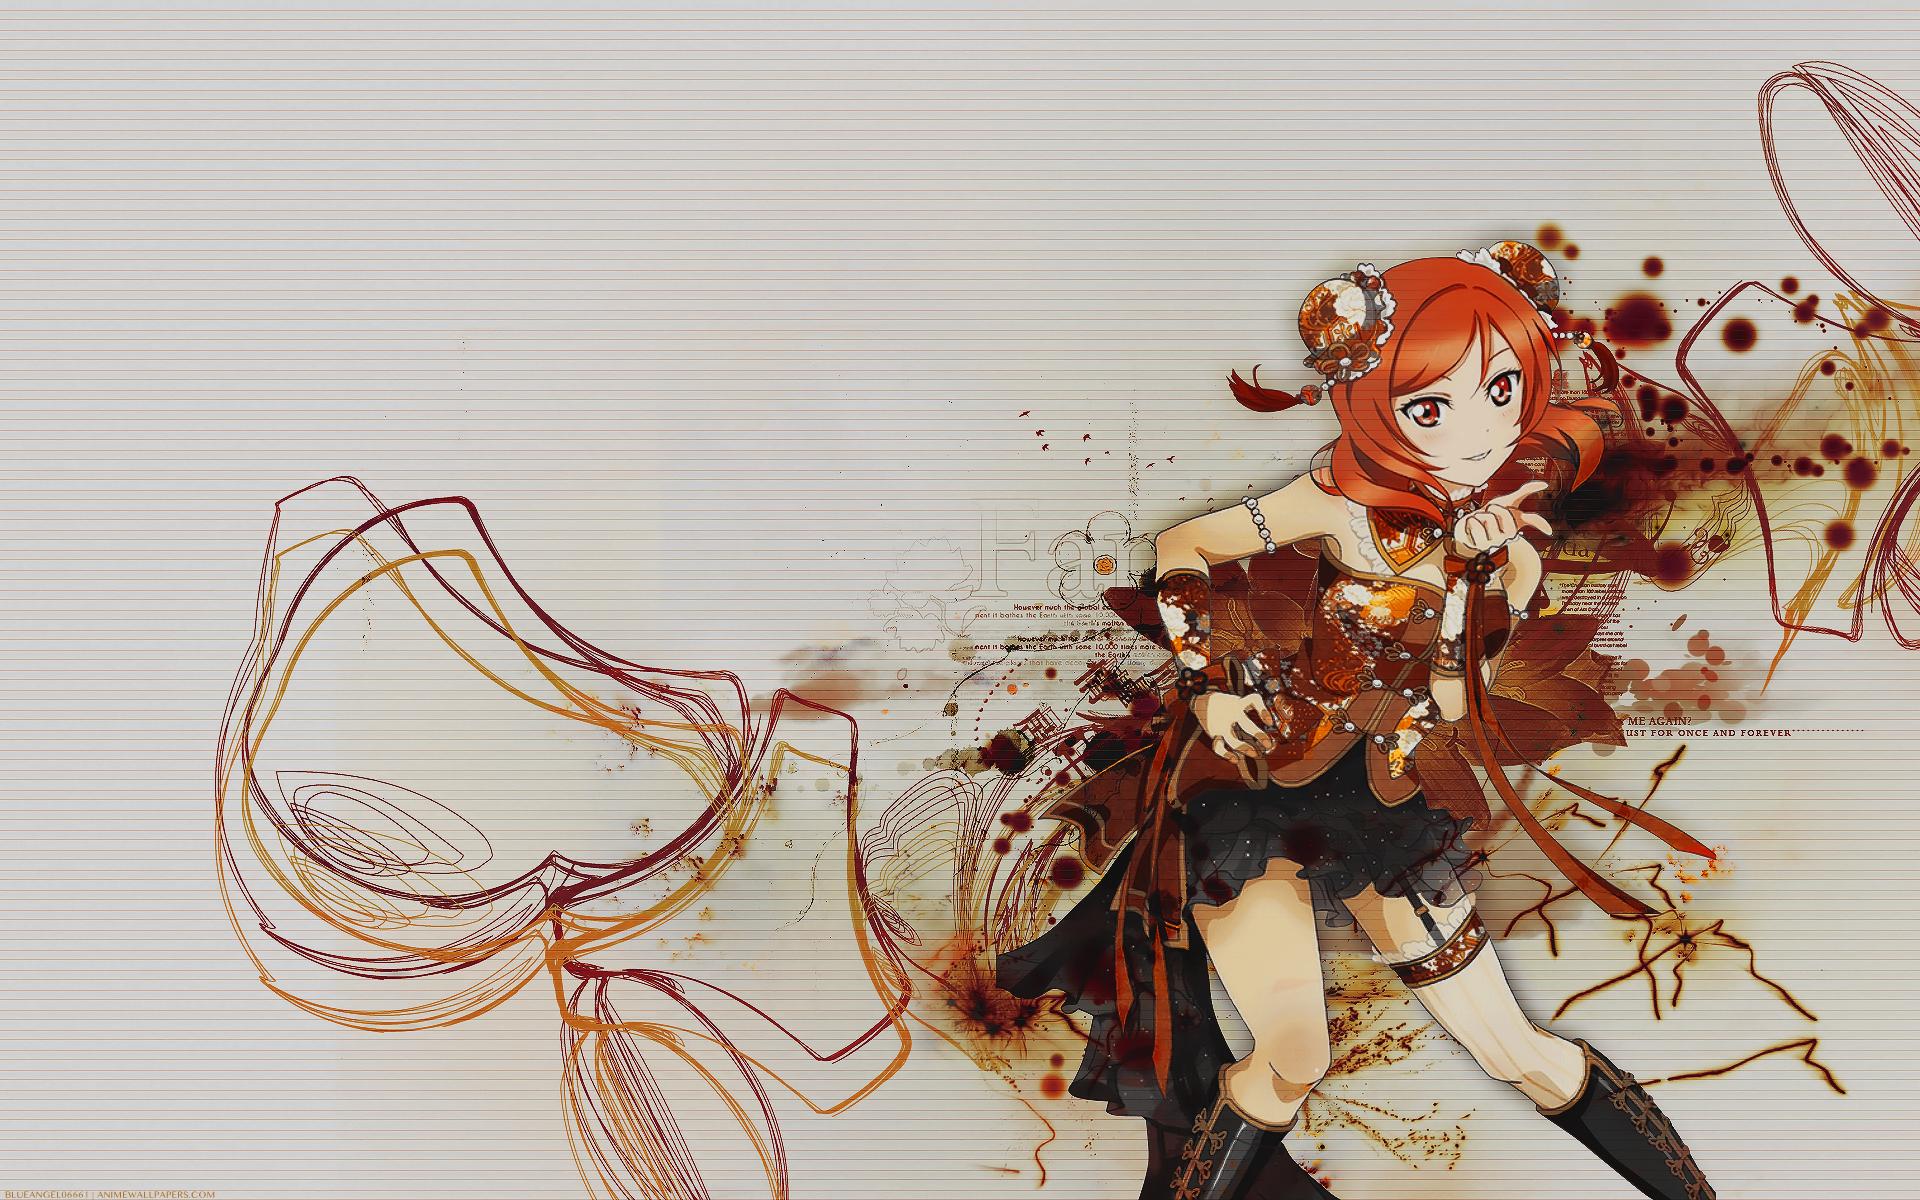 Love live maki nishikino wallpaper - Love live wallpaper 540x960 ...